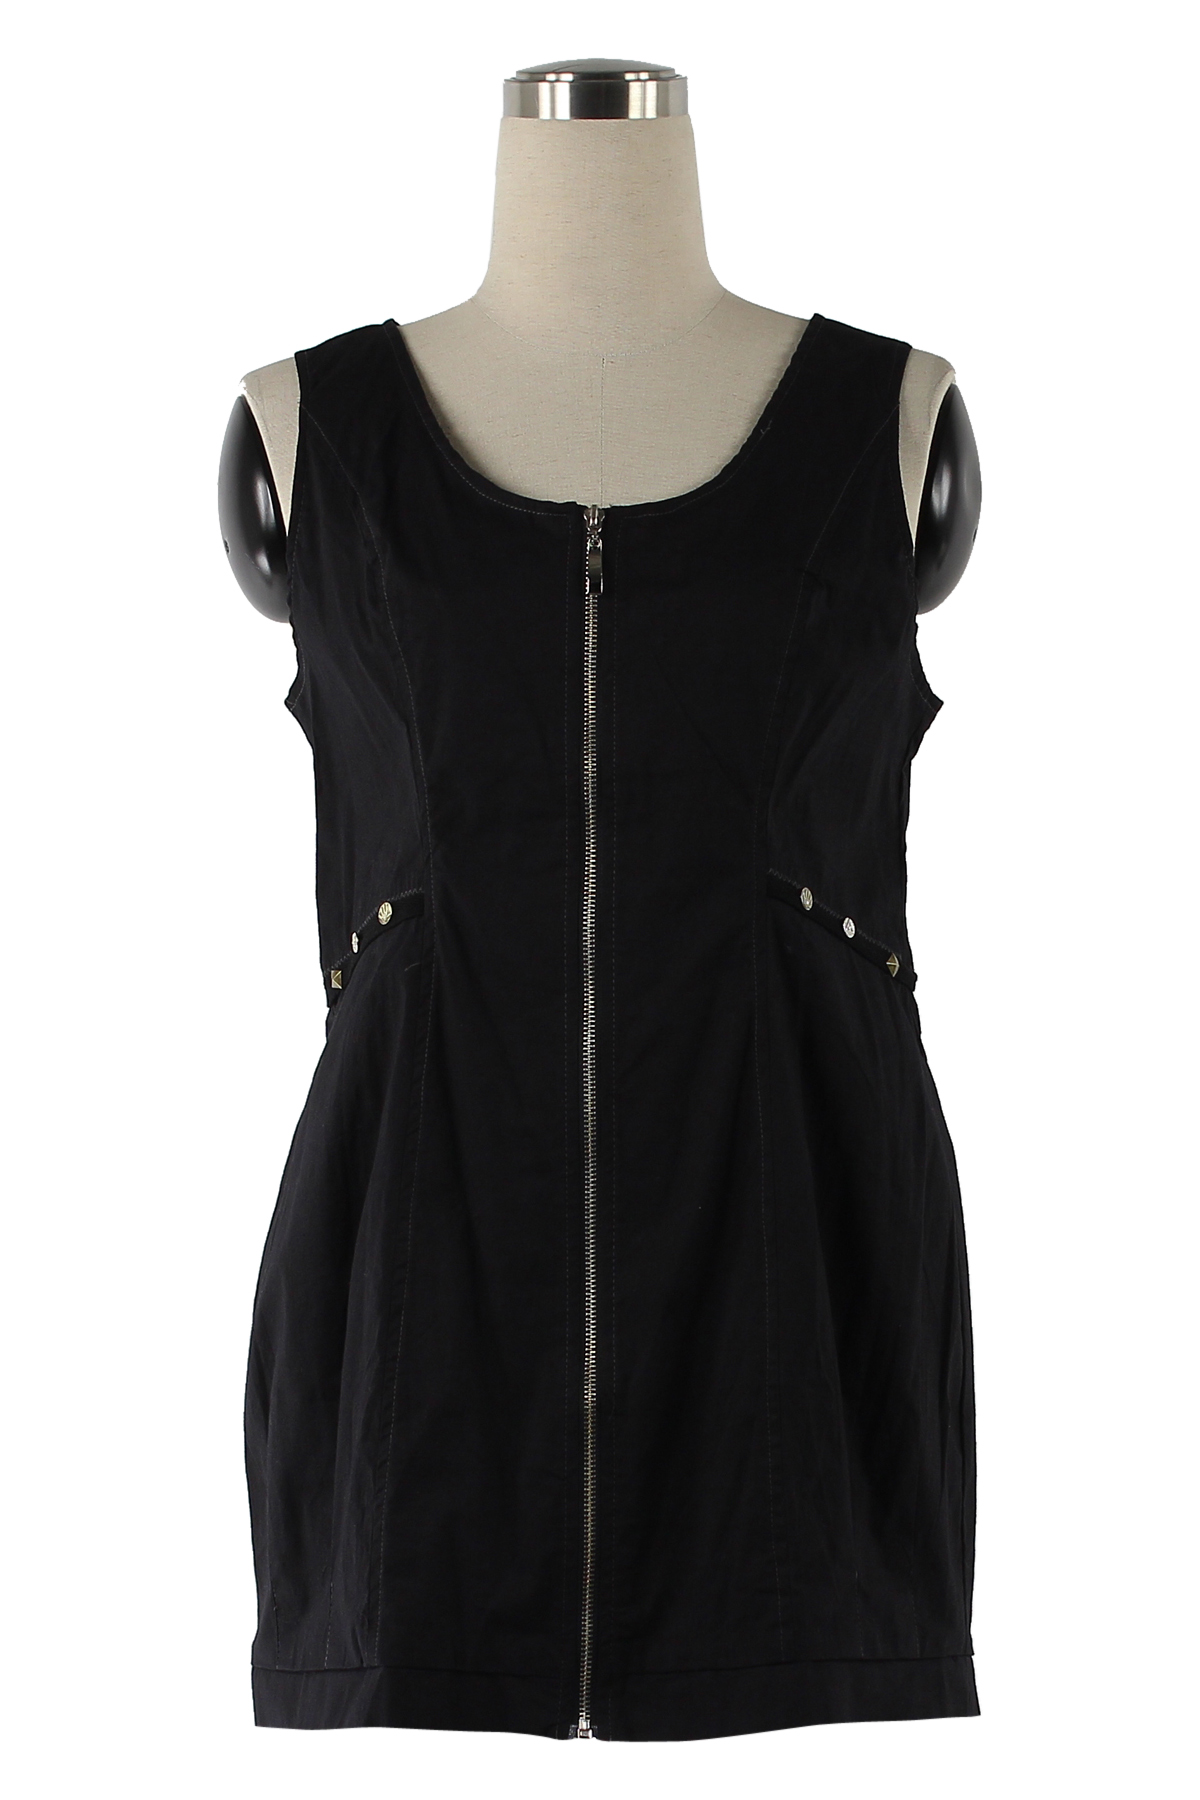 Tops Femme Noir Lacony P6801 #c eFashion Paris